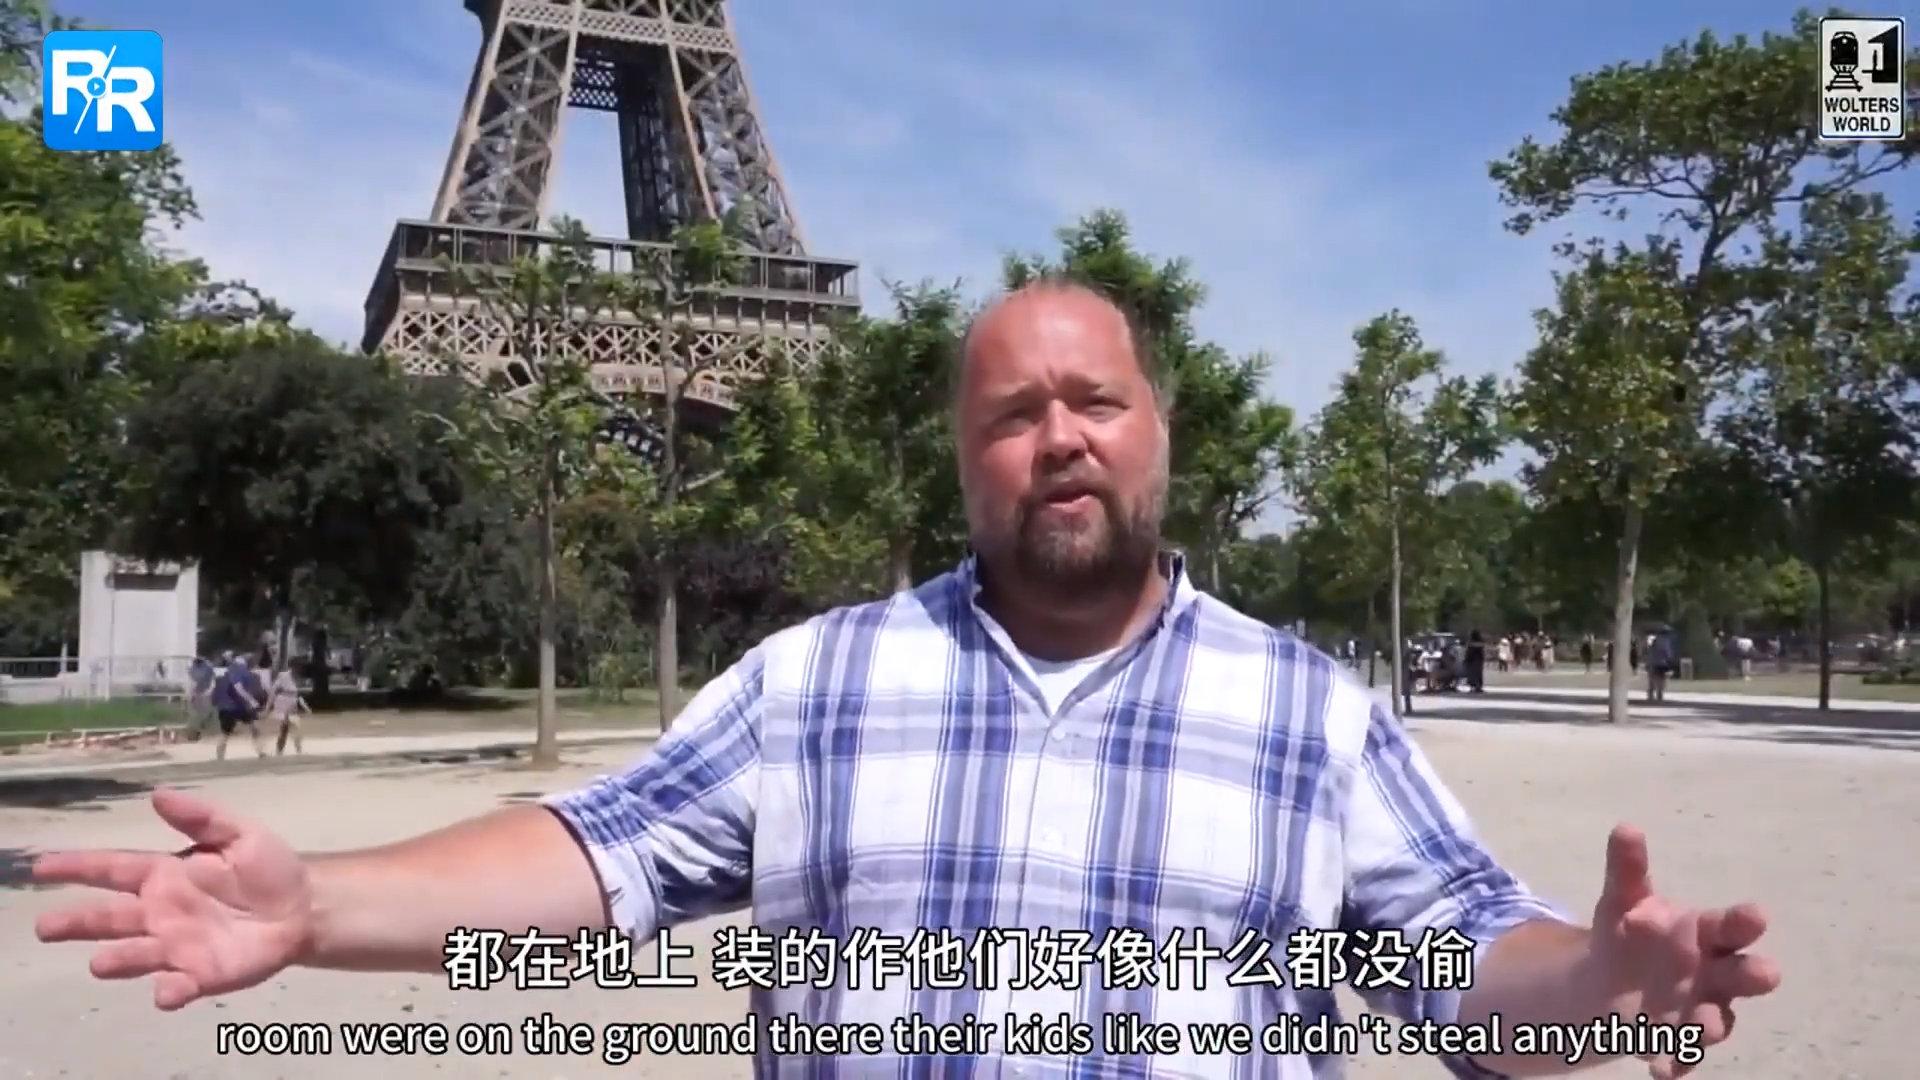 揭秘巴黎街头的一些骗局,无论在哪,都要警惕这些!